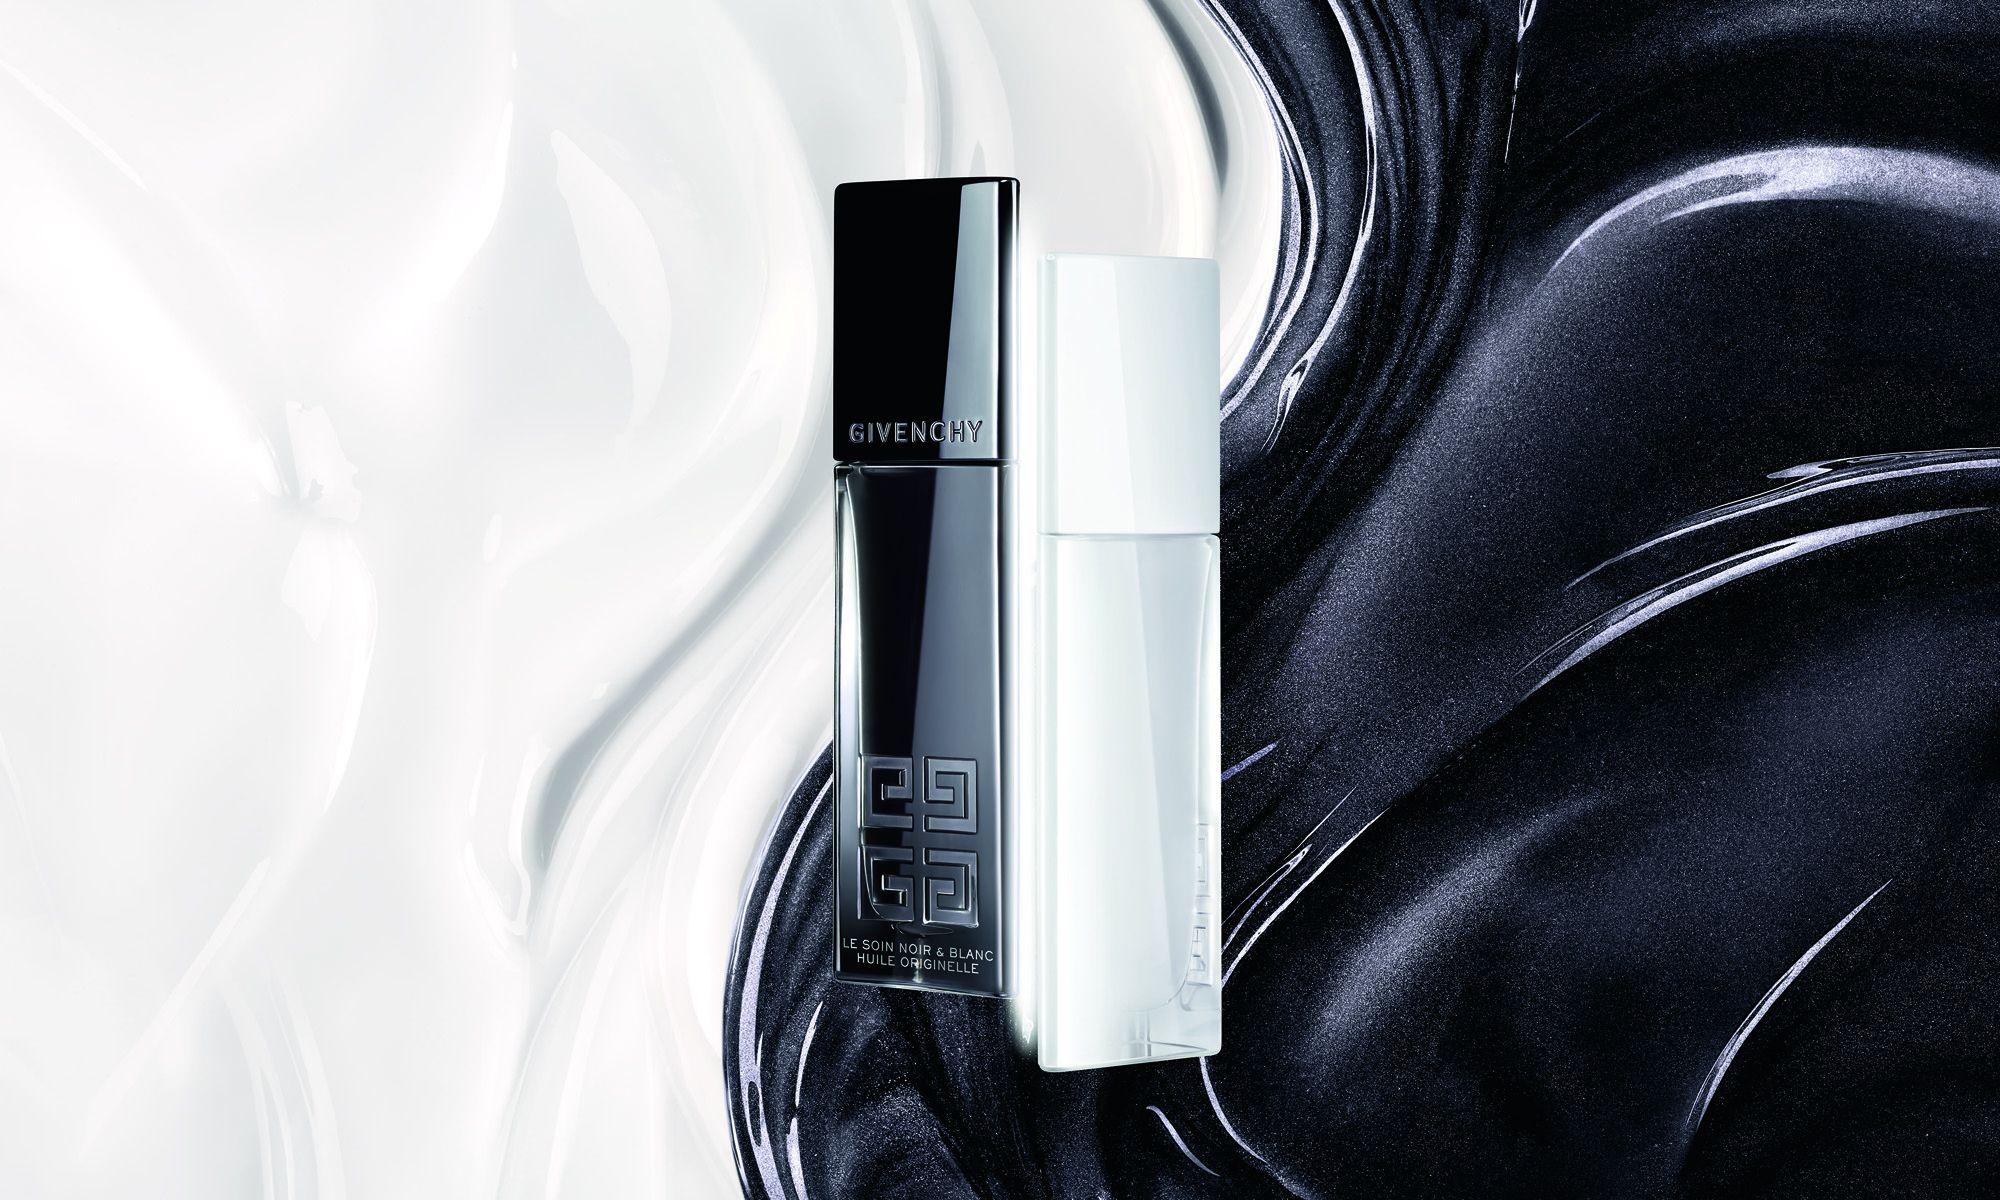 Givenchy Beauty Presents: Le Soin Noir & Blanc Huiles Originelles